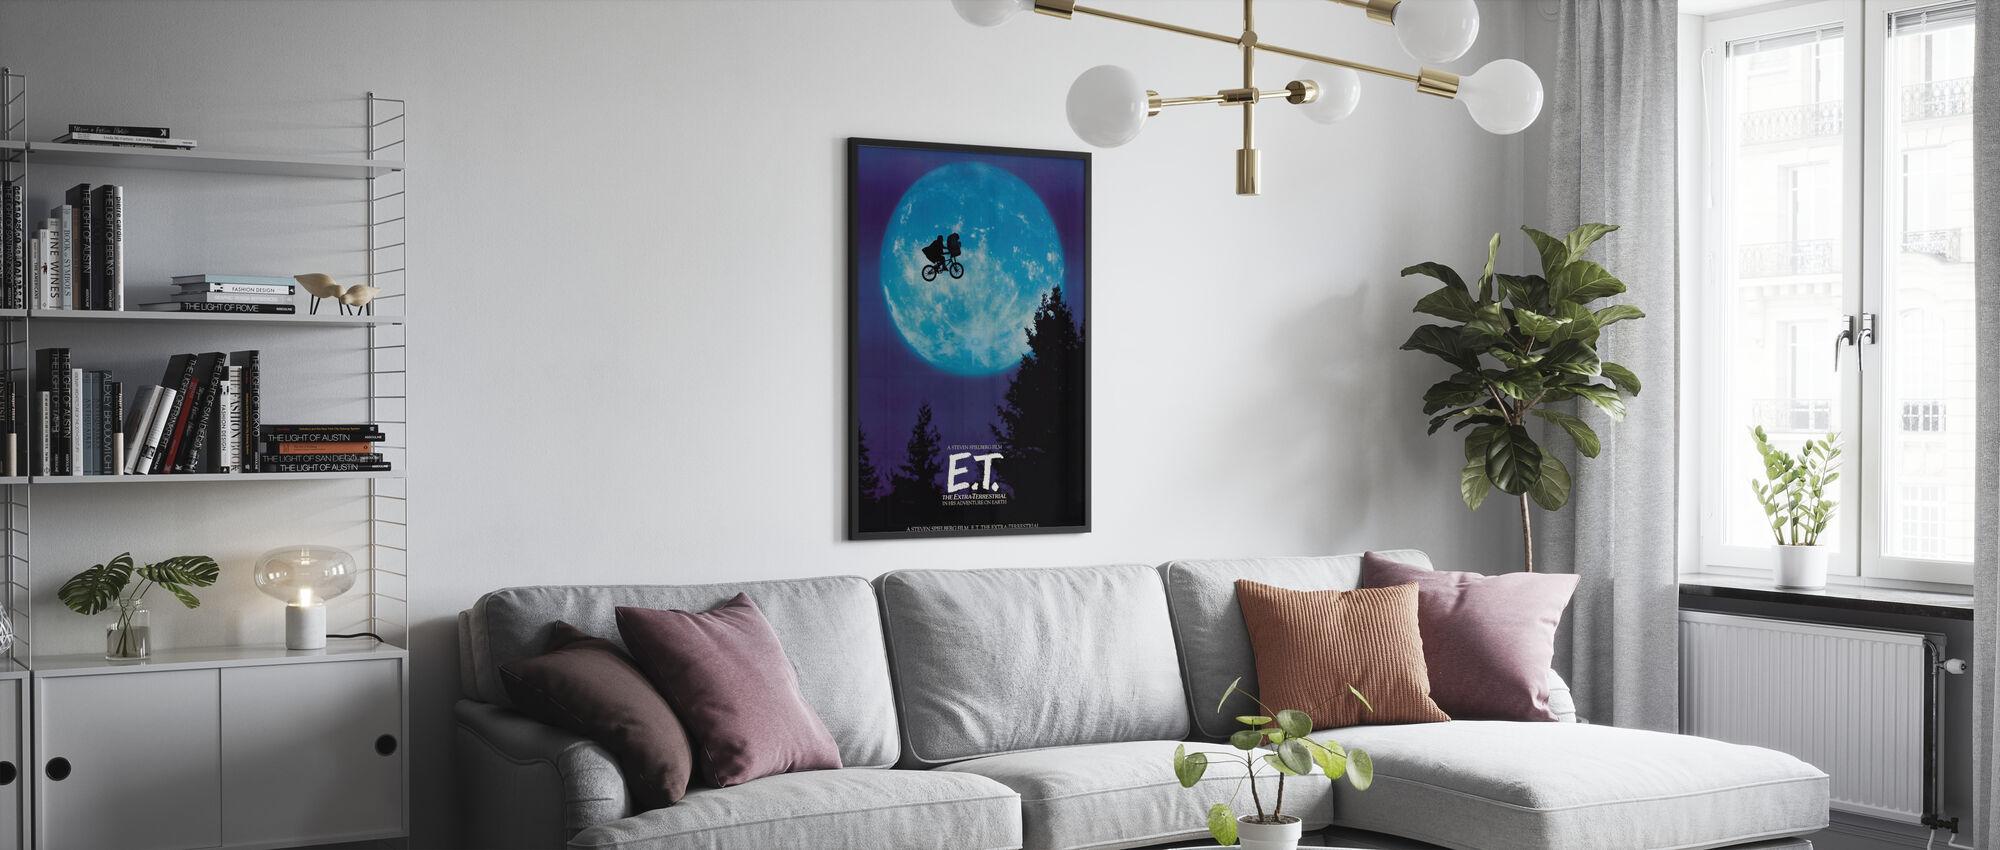 E T - Poster - Living Room